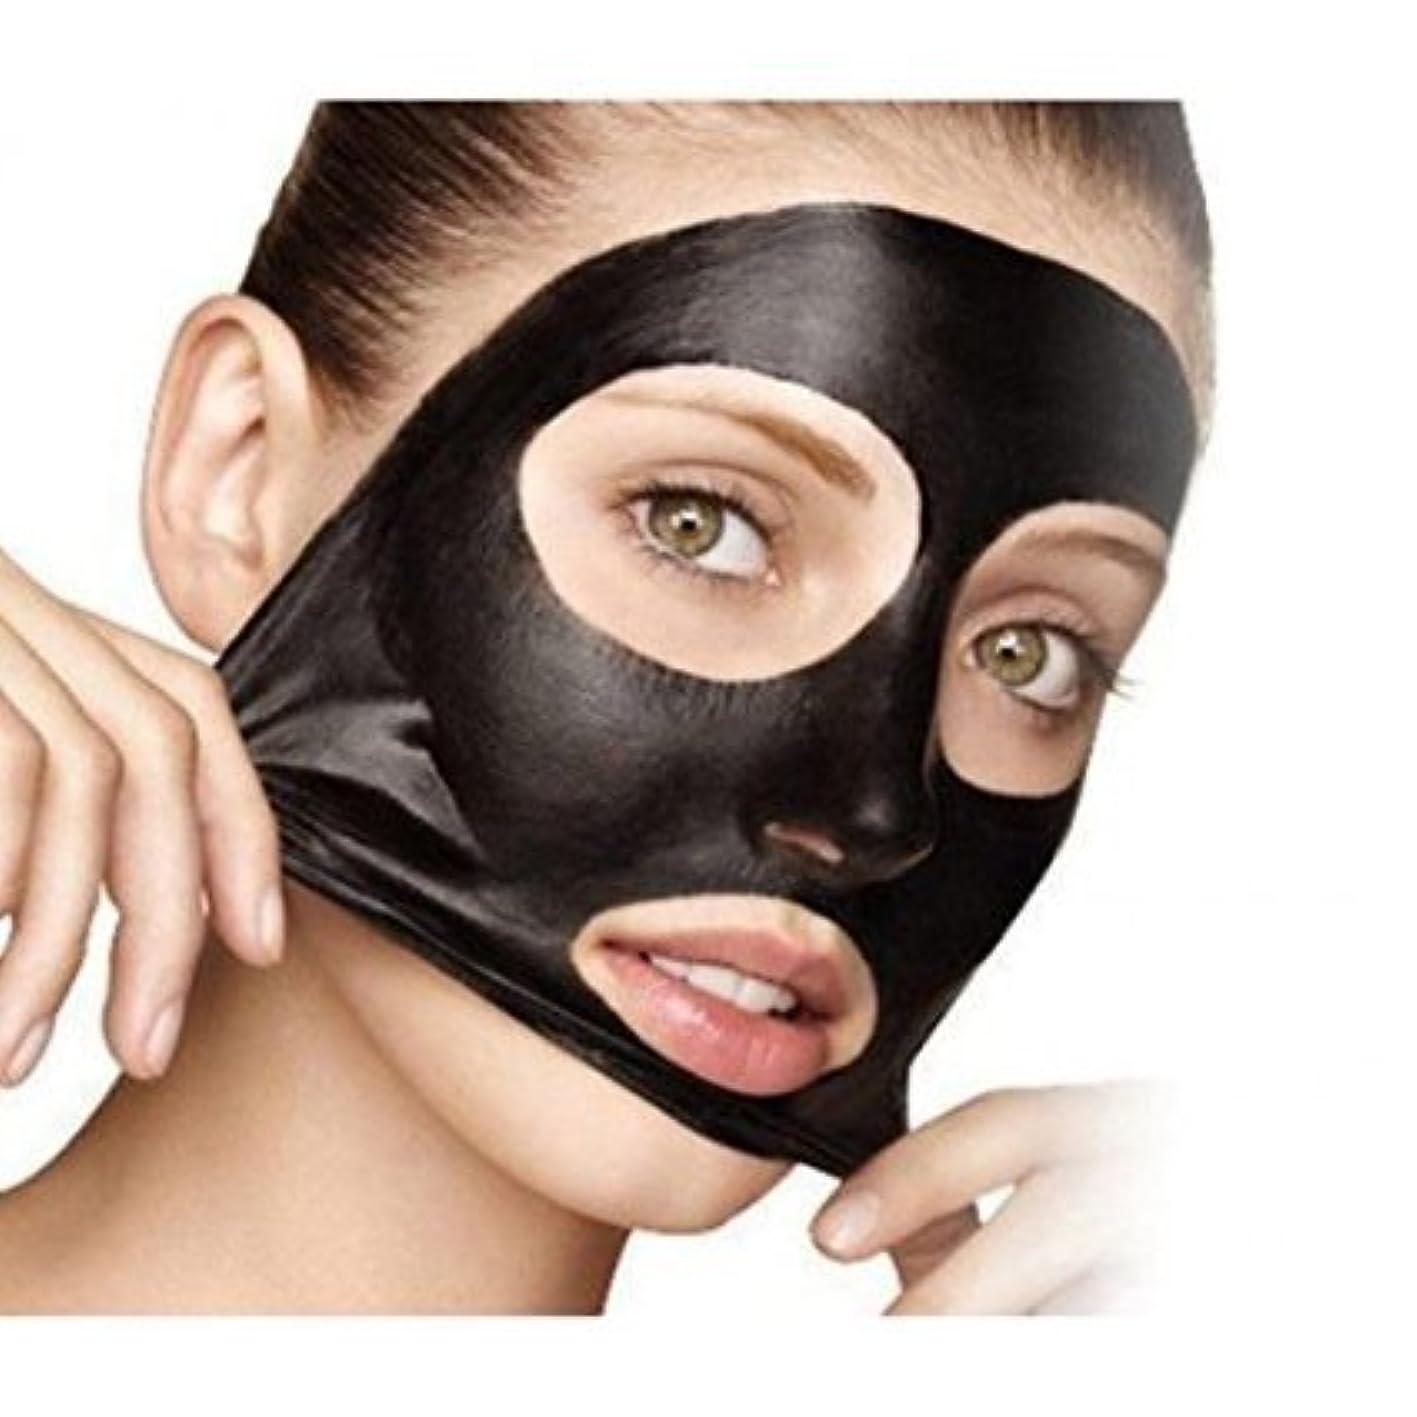 区別とげのある小説家5 x Mineral Mud Nose Pore Cleansing Blackhead Removal Cleaner Membranes Mask by Boolavard® TM